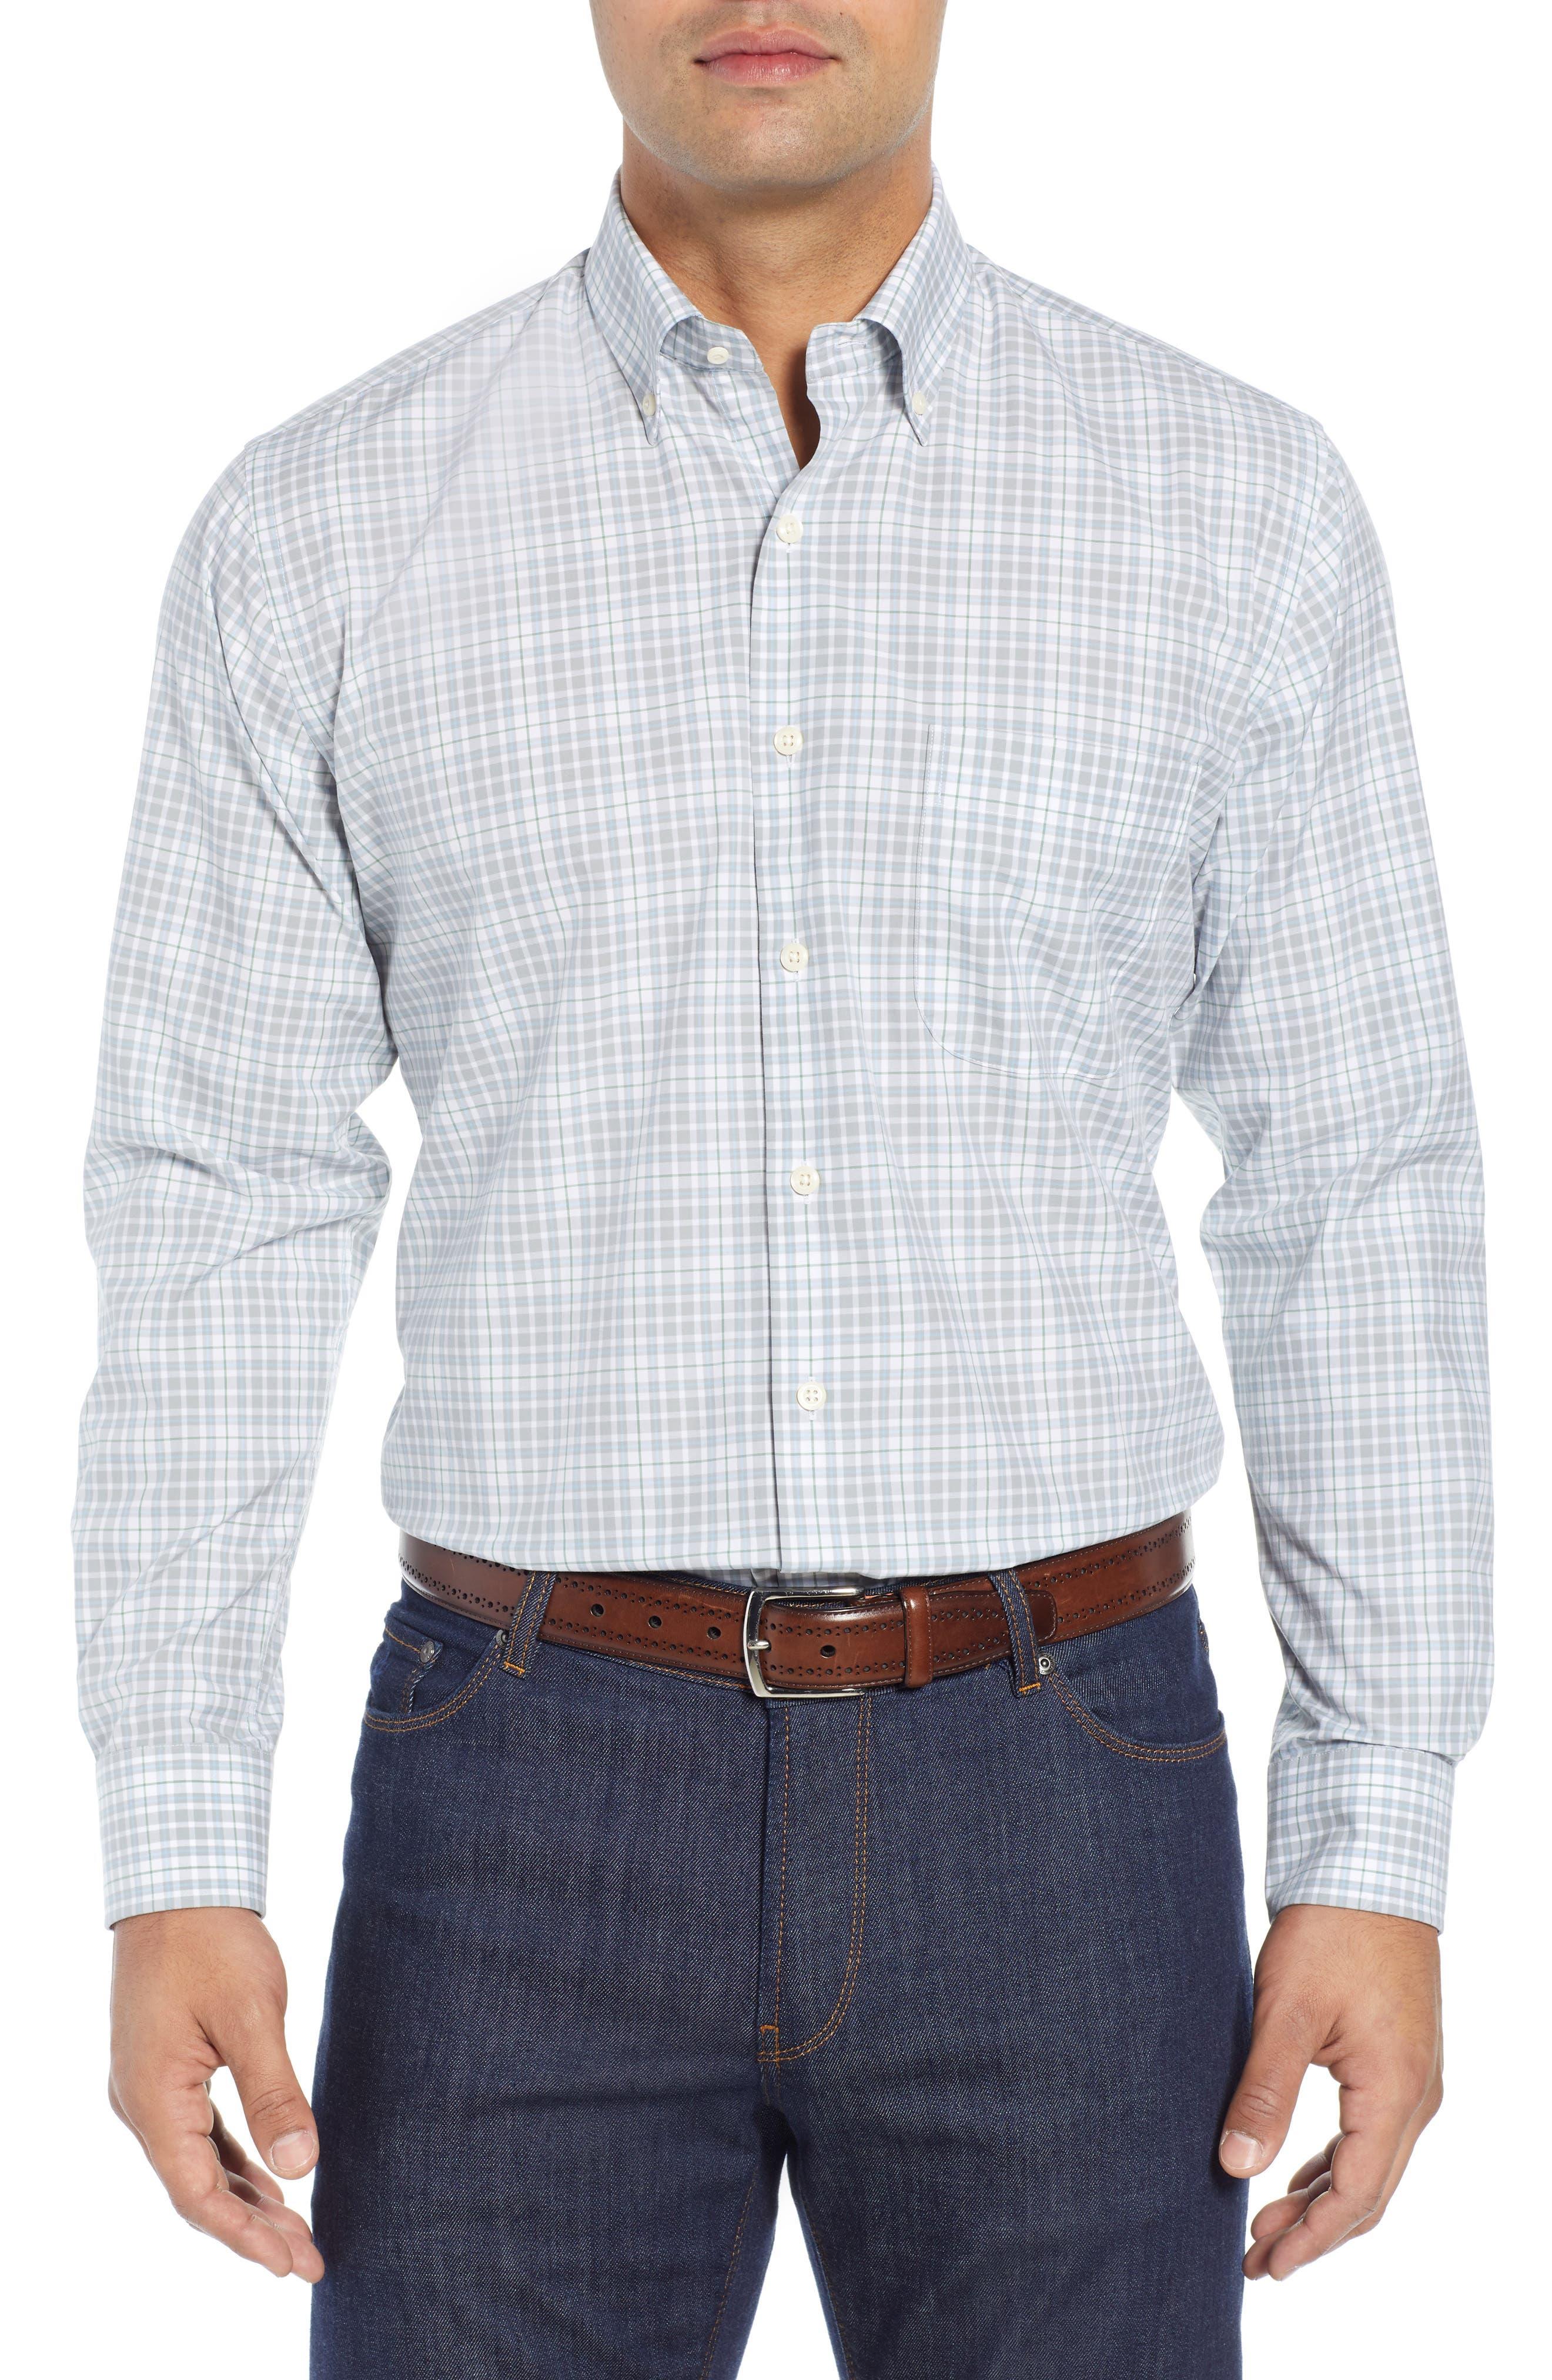 PETER MILLAR Belltown Tartan Sport Shirt, Main, color, GALE GREY